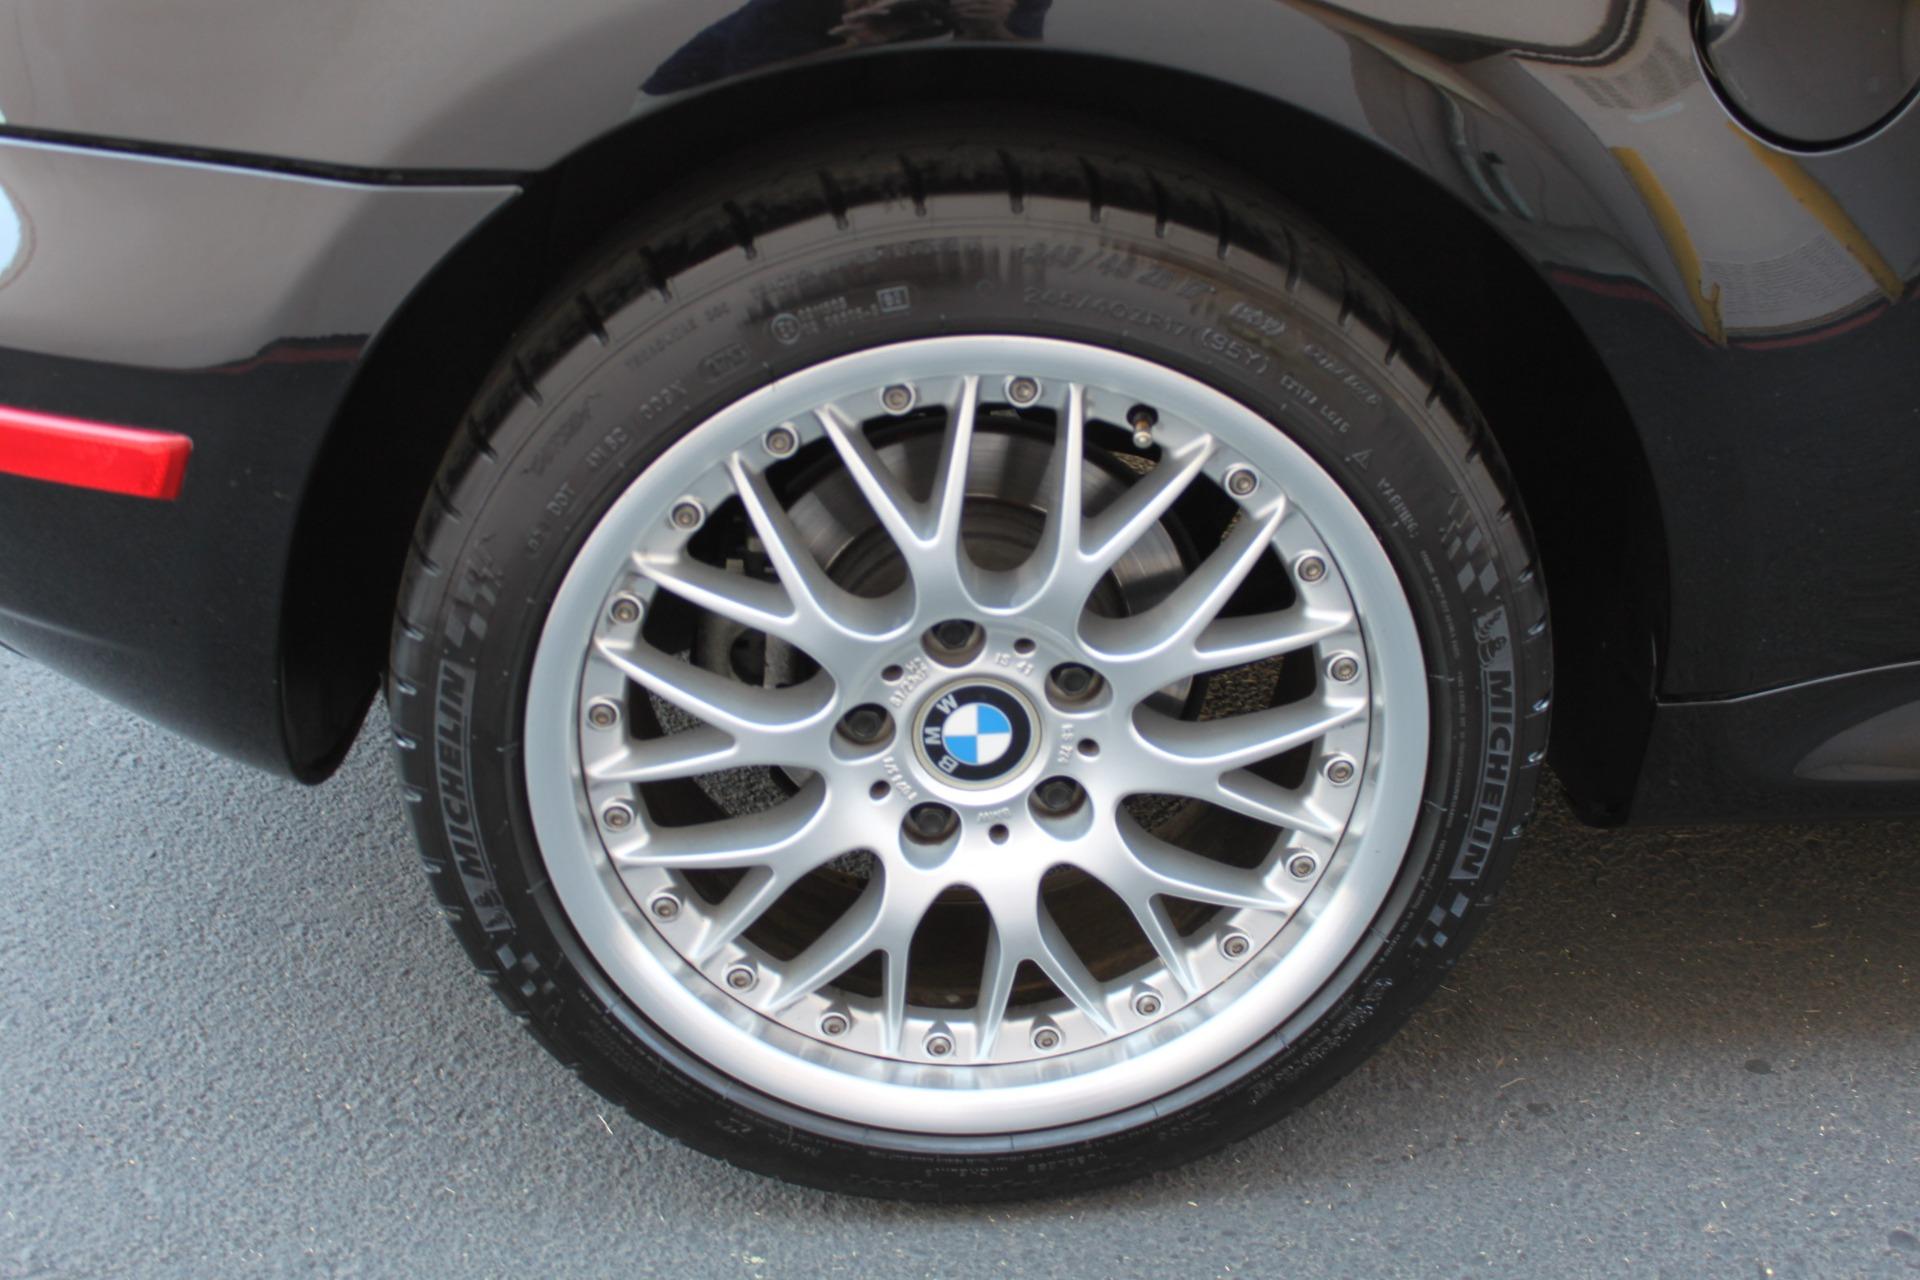 Used-2001-BMW-Z3-Roadster-30i-Honda-for-sale-Highland-park